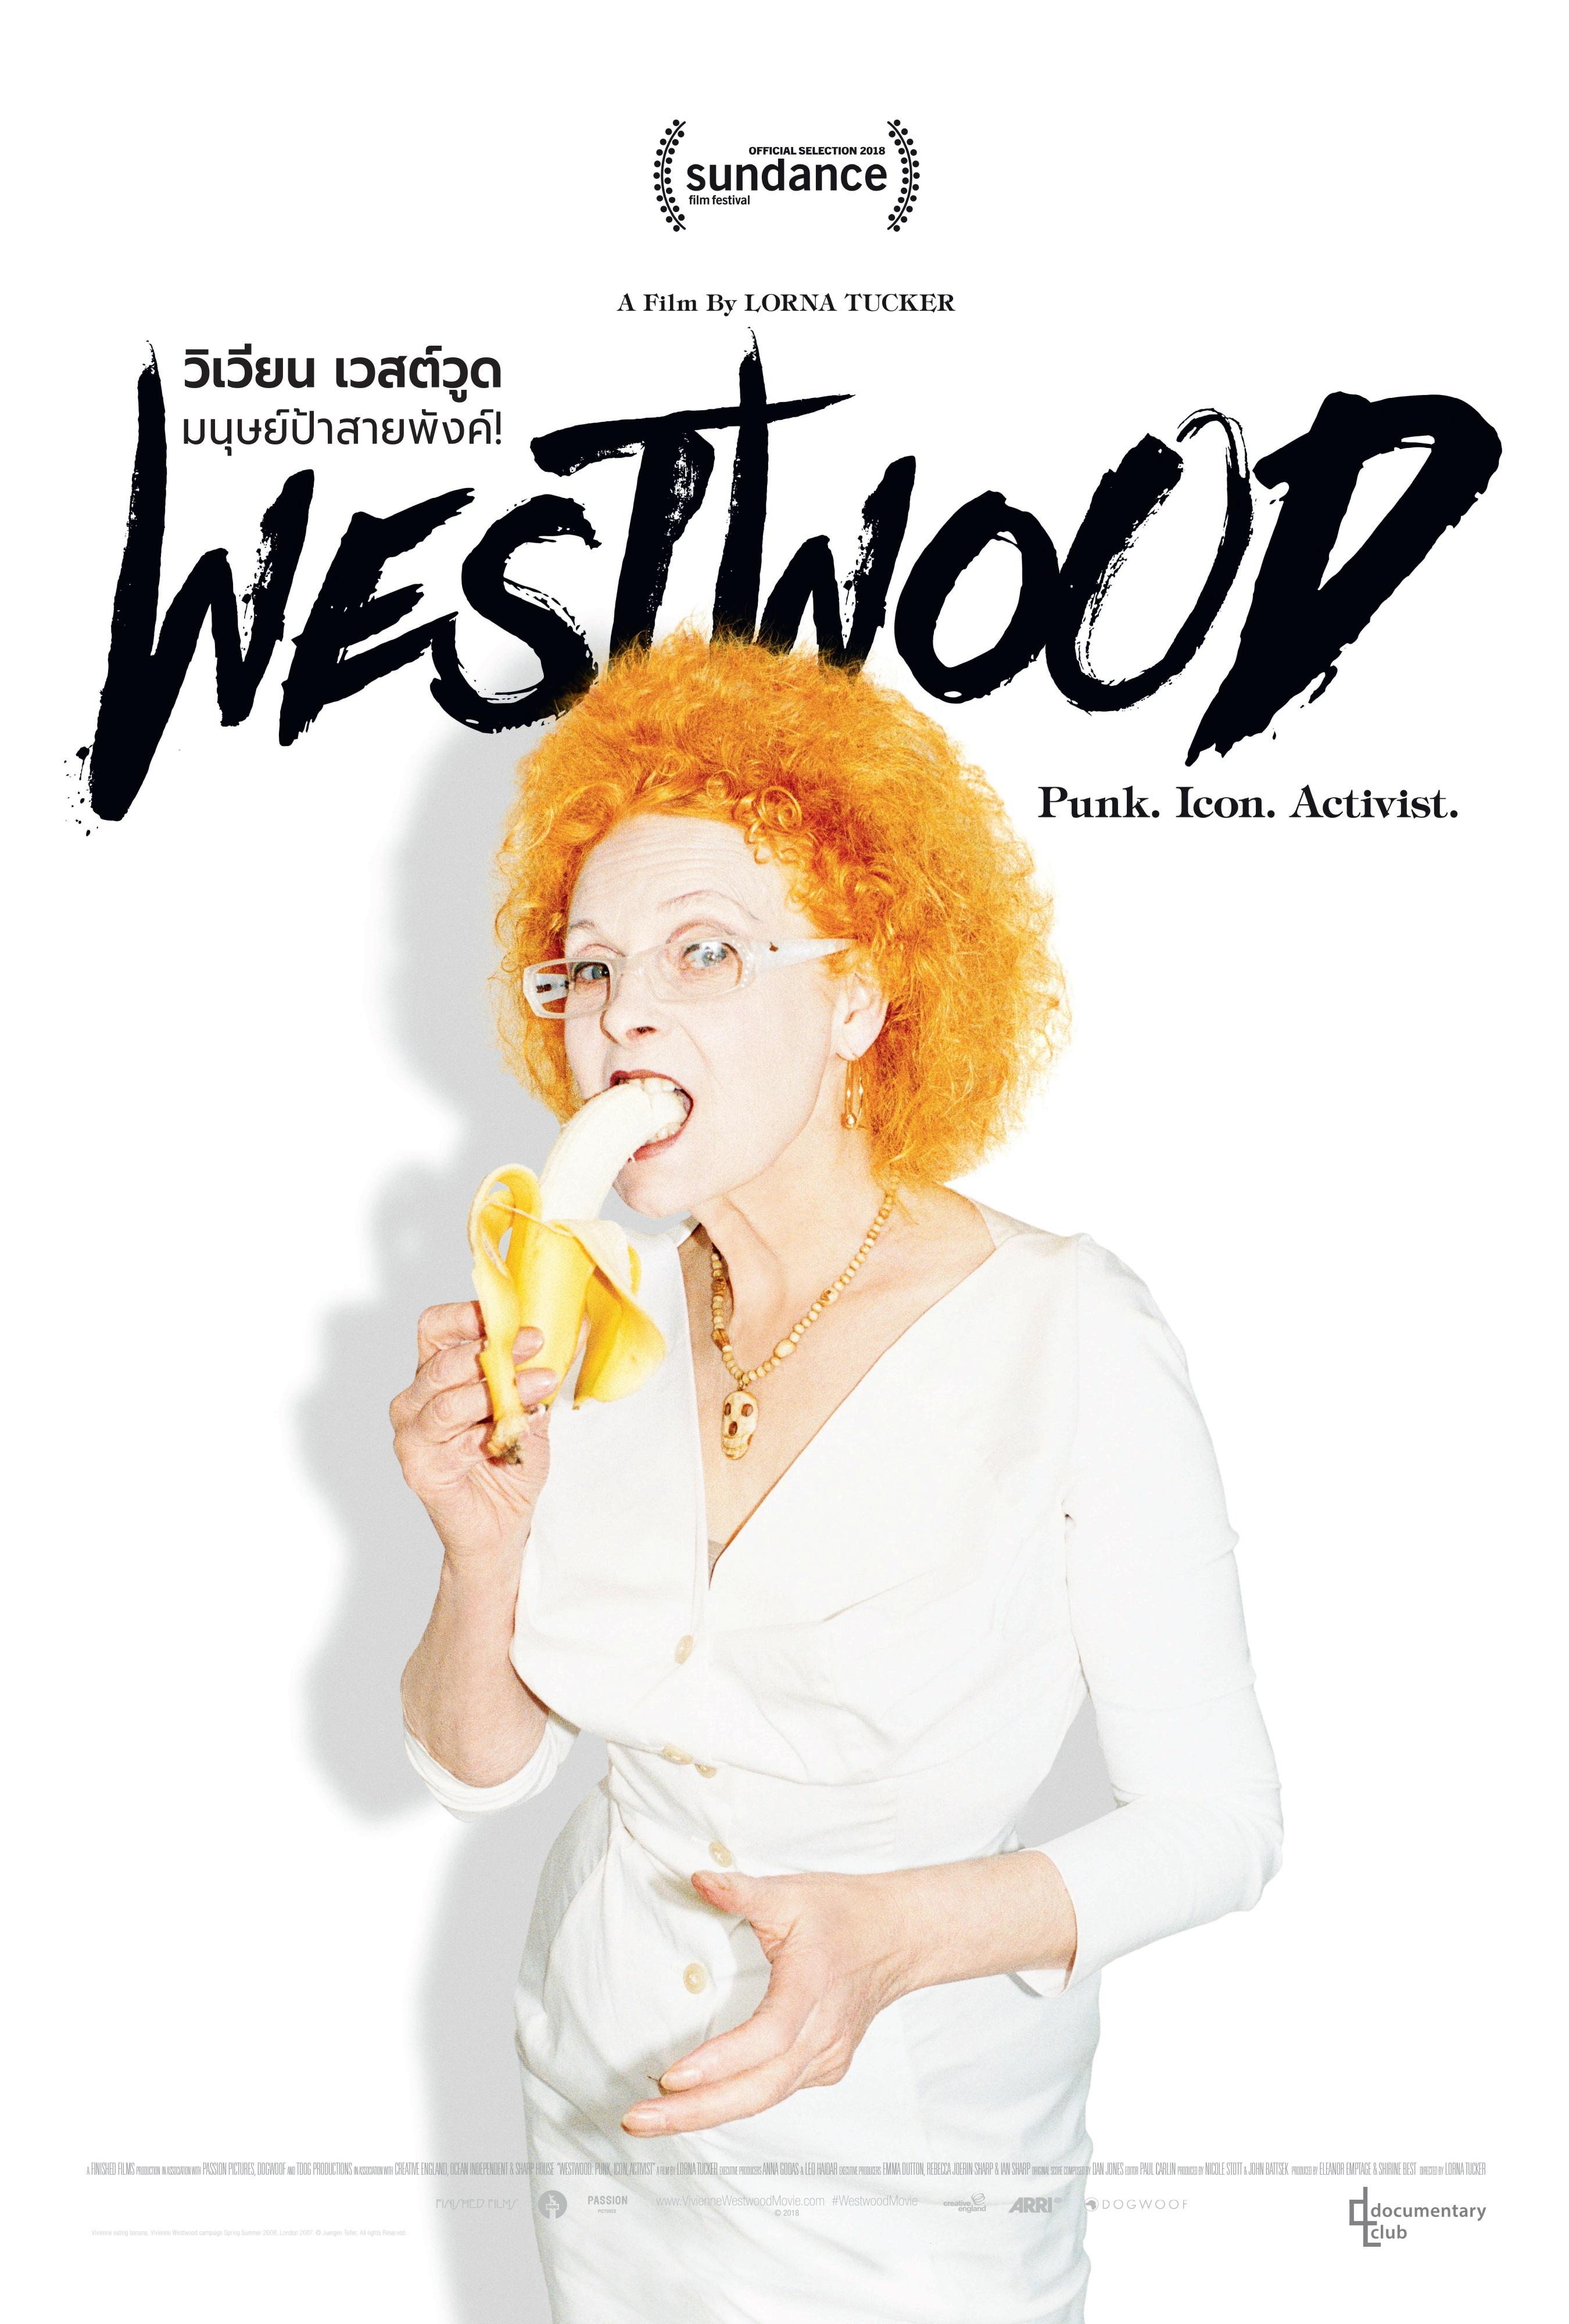 Westwood : Punk, Icon, Activist